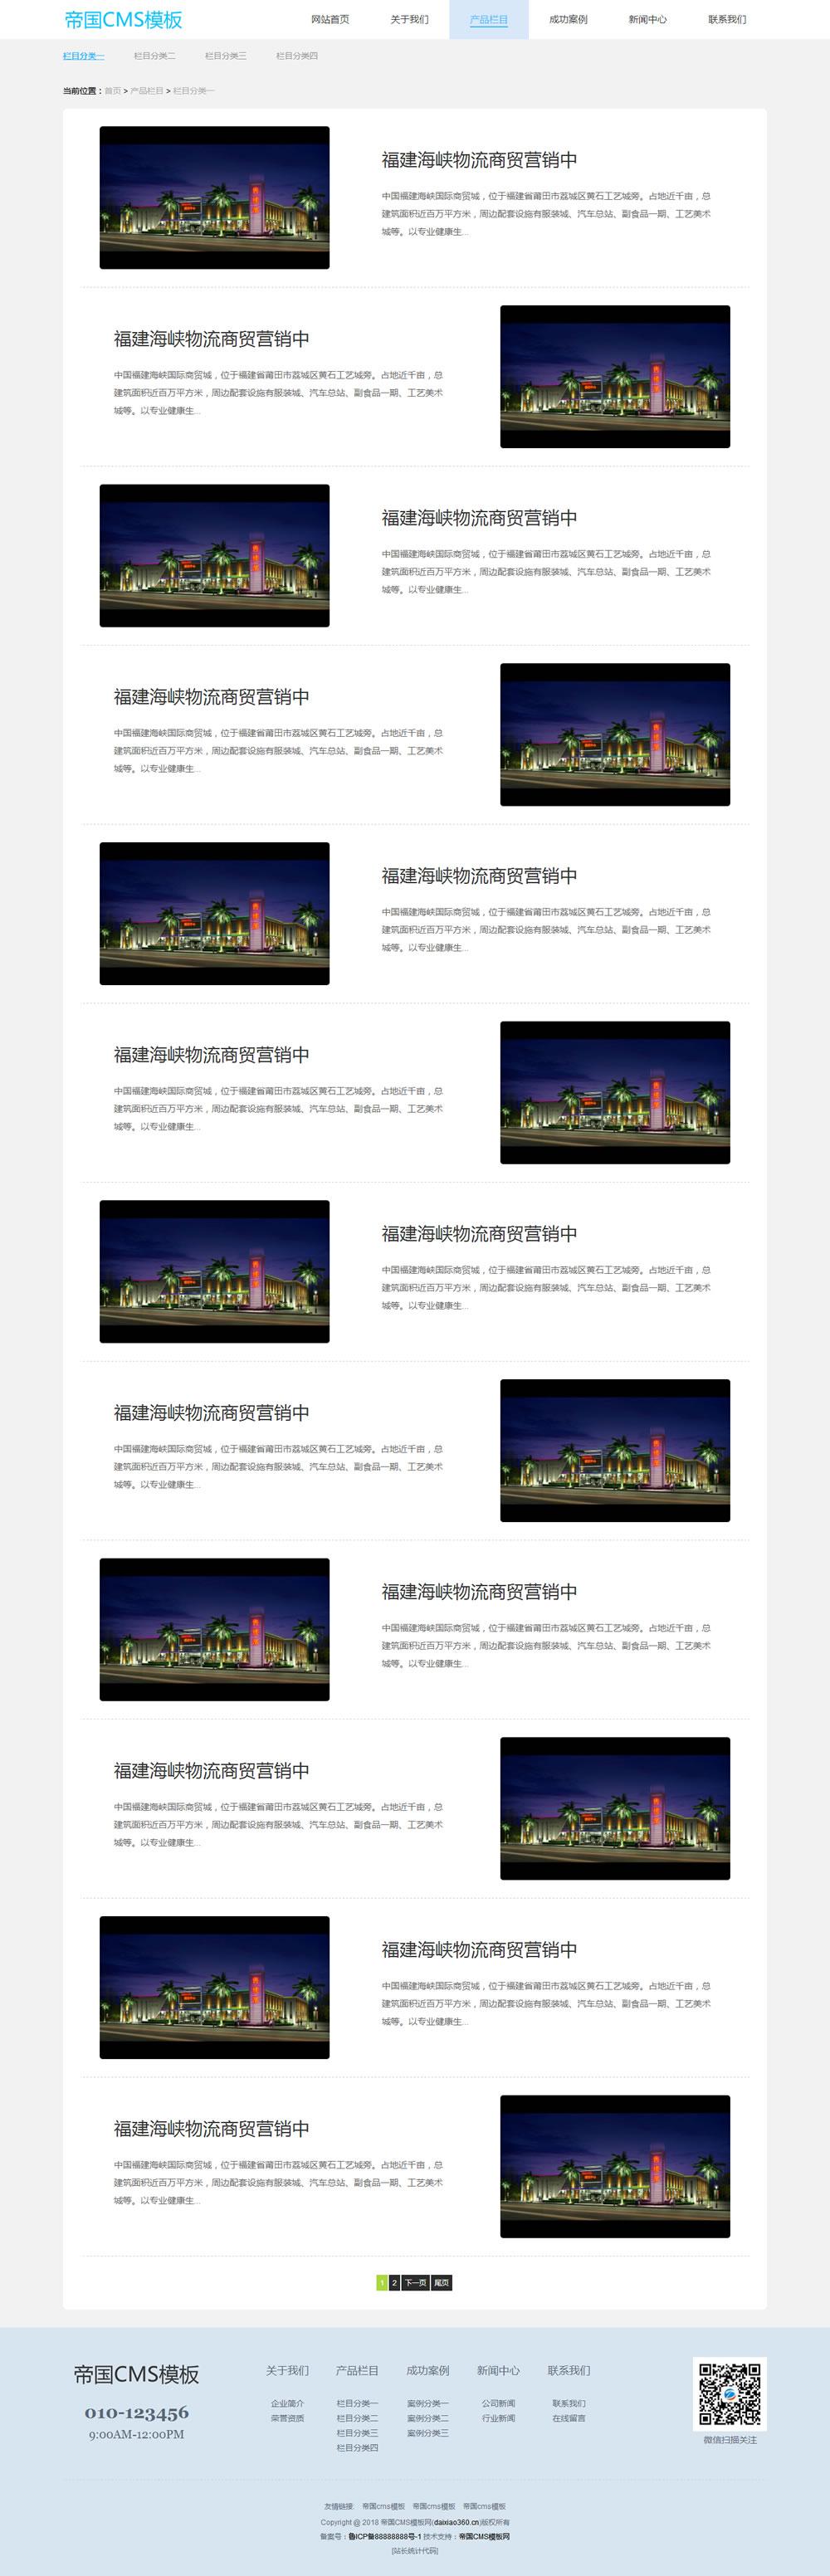 帝国企业模板之蓝色简约大气传媒文化广告咨询类公司网站模板带手机版_图片展示